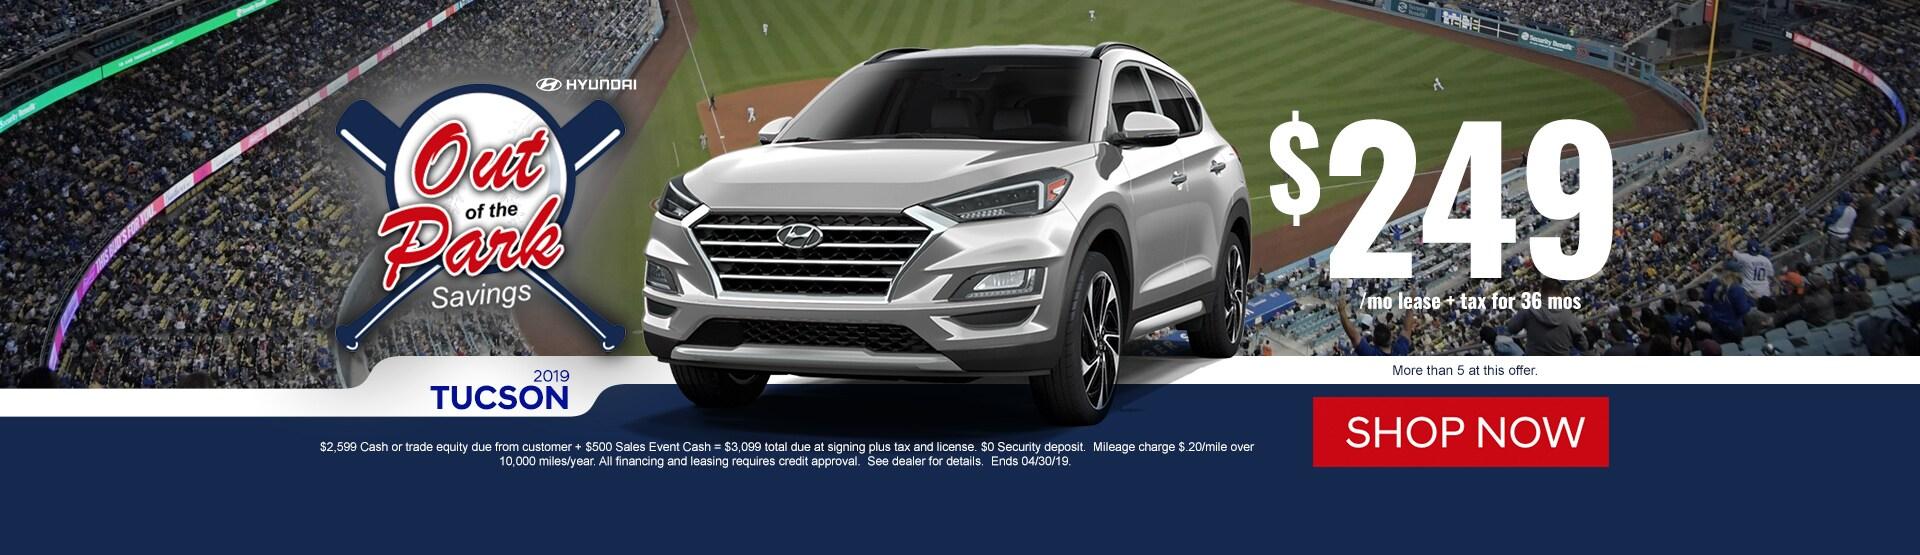 Hyundai Dealer Temecula Hemet Carlsbad Ca New Used Cars Parts